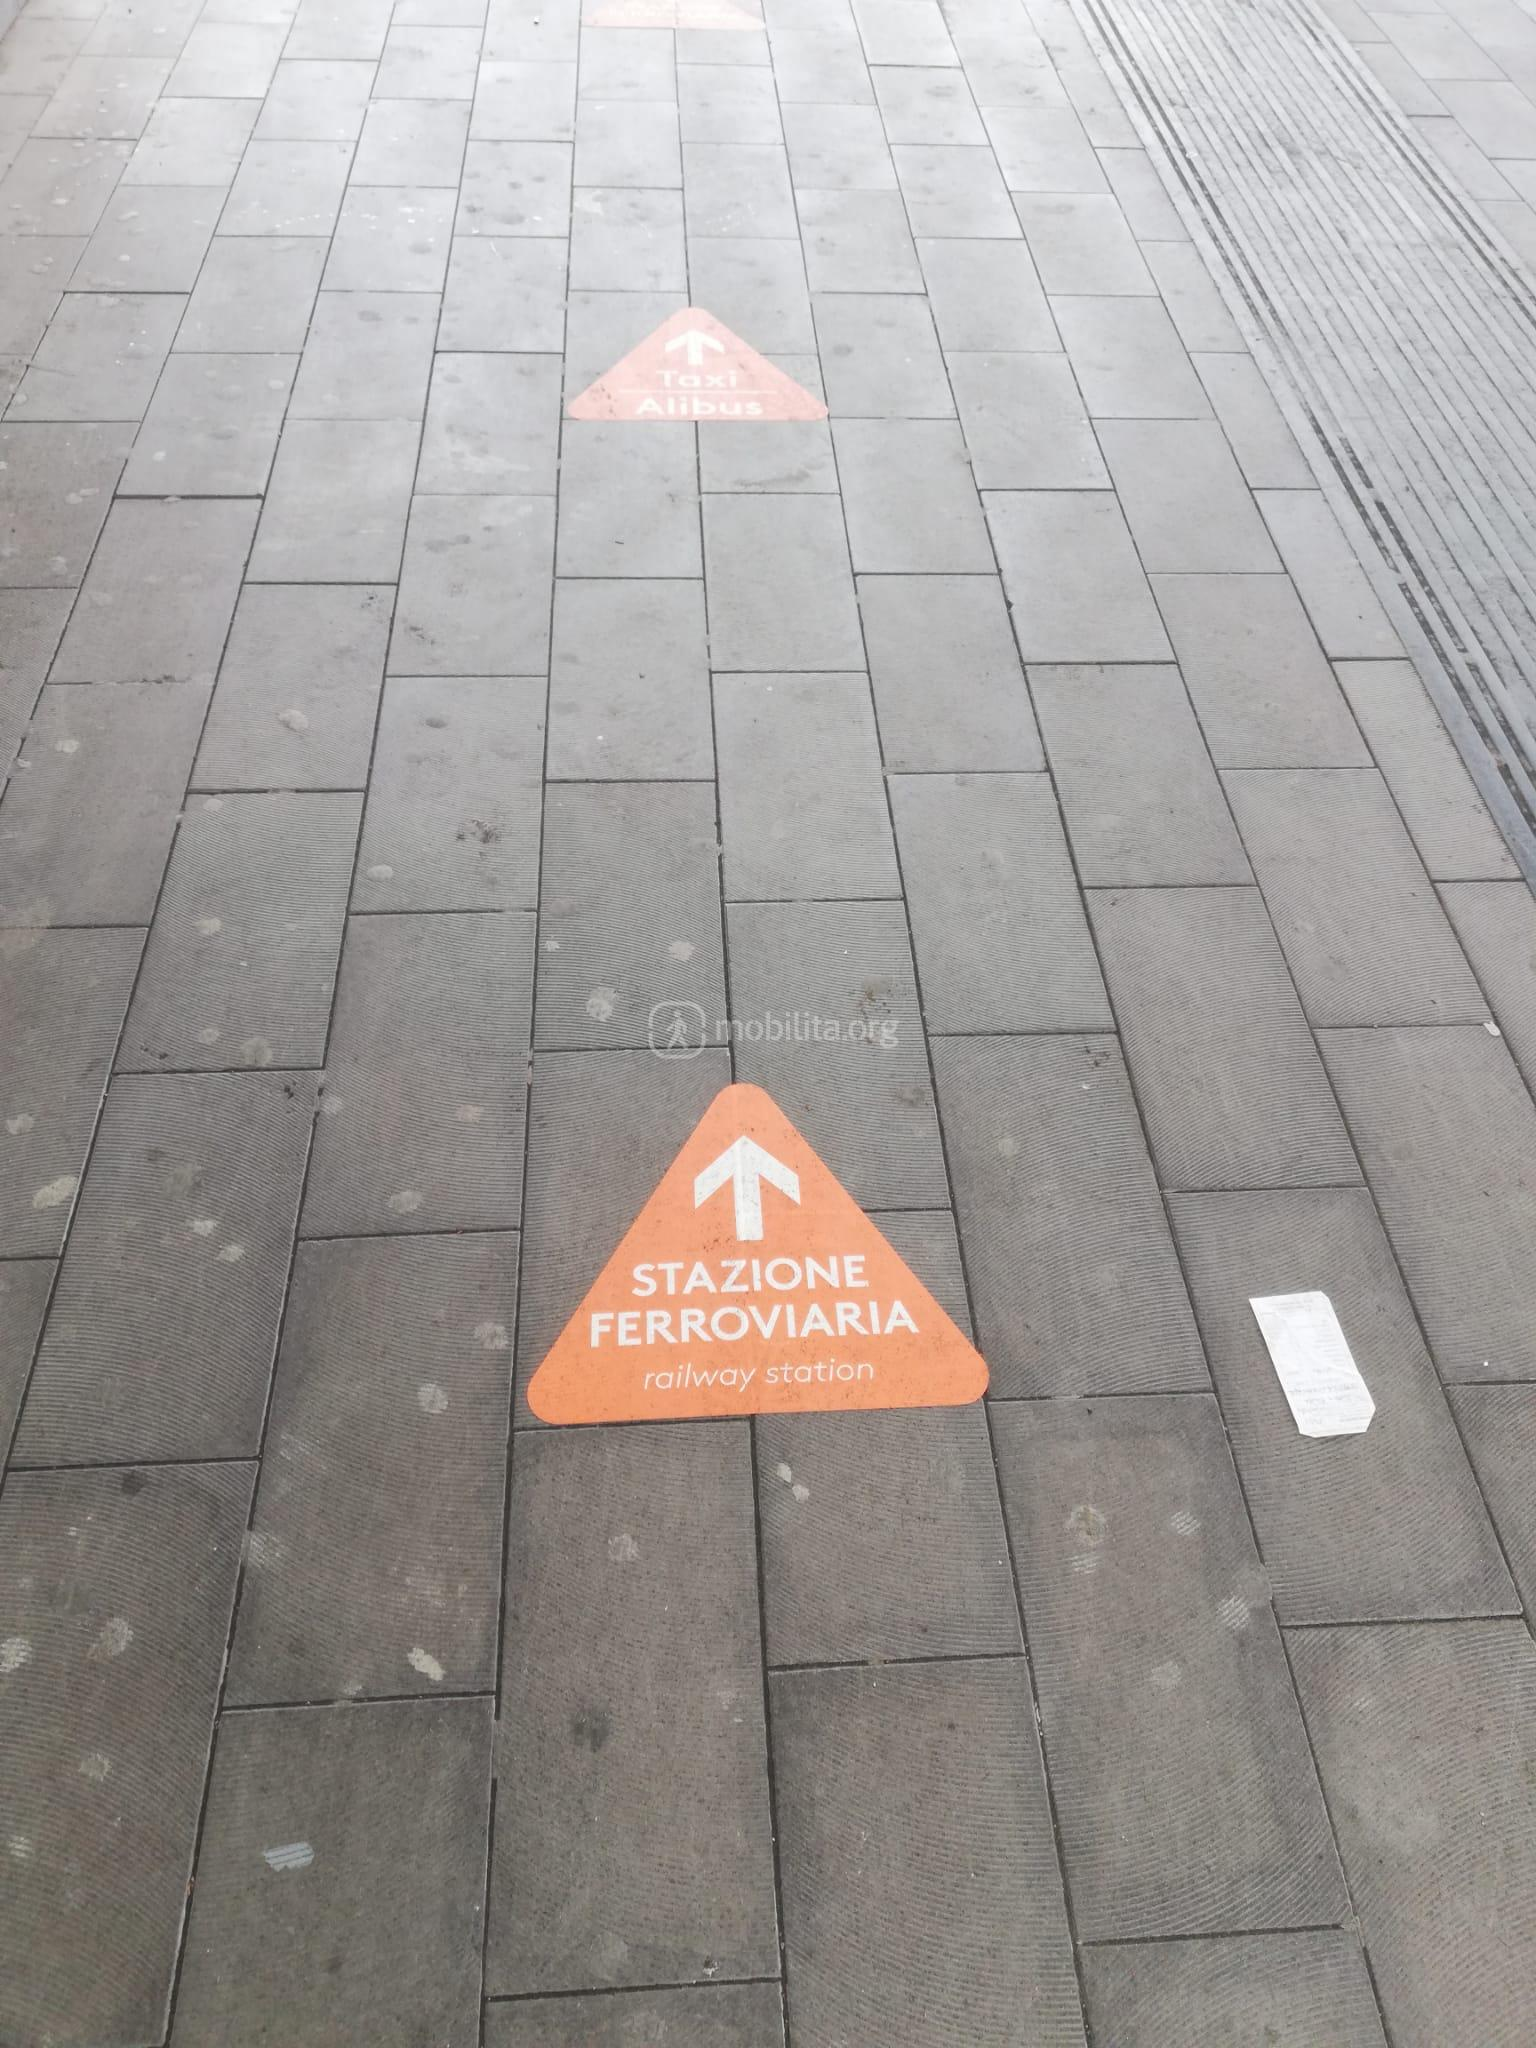 La nuova segnaletica pedonale a terra per condurre alla nuova stazione ferroviaria